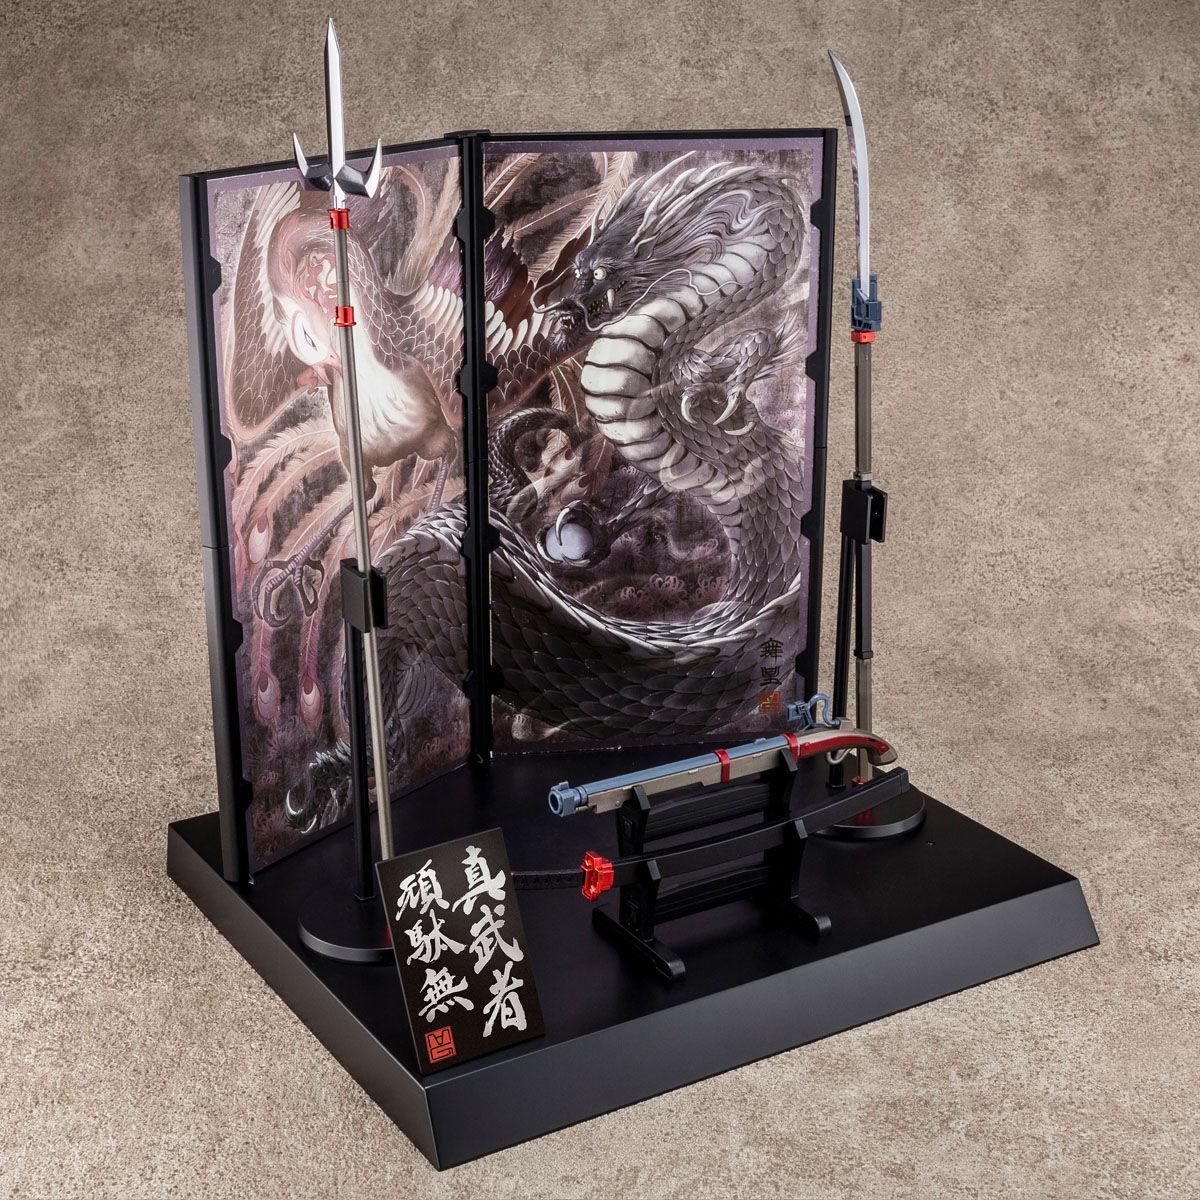 【限定販売】MG 1/100『真武者頑駄無 戦国の陣 黒衣大鎧』ガンダム無双 プラモデル-008